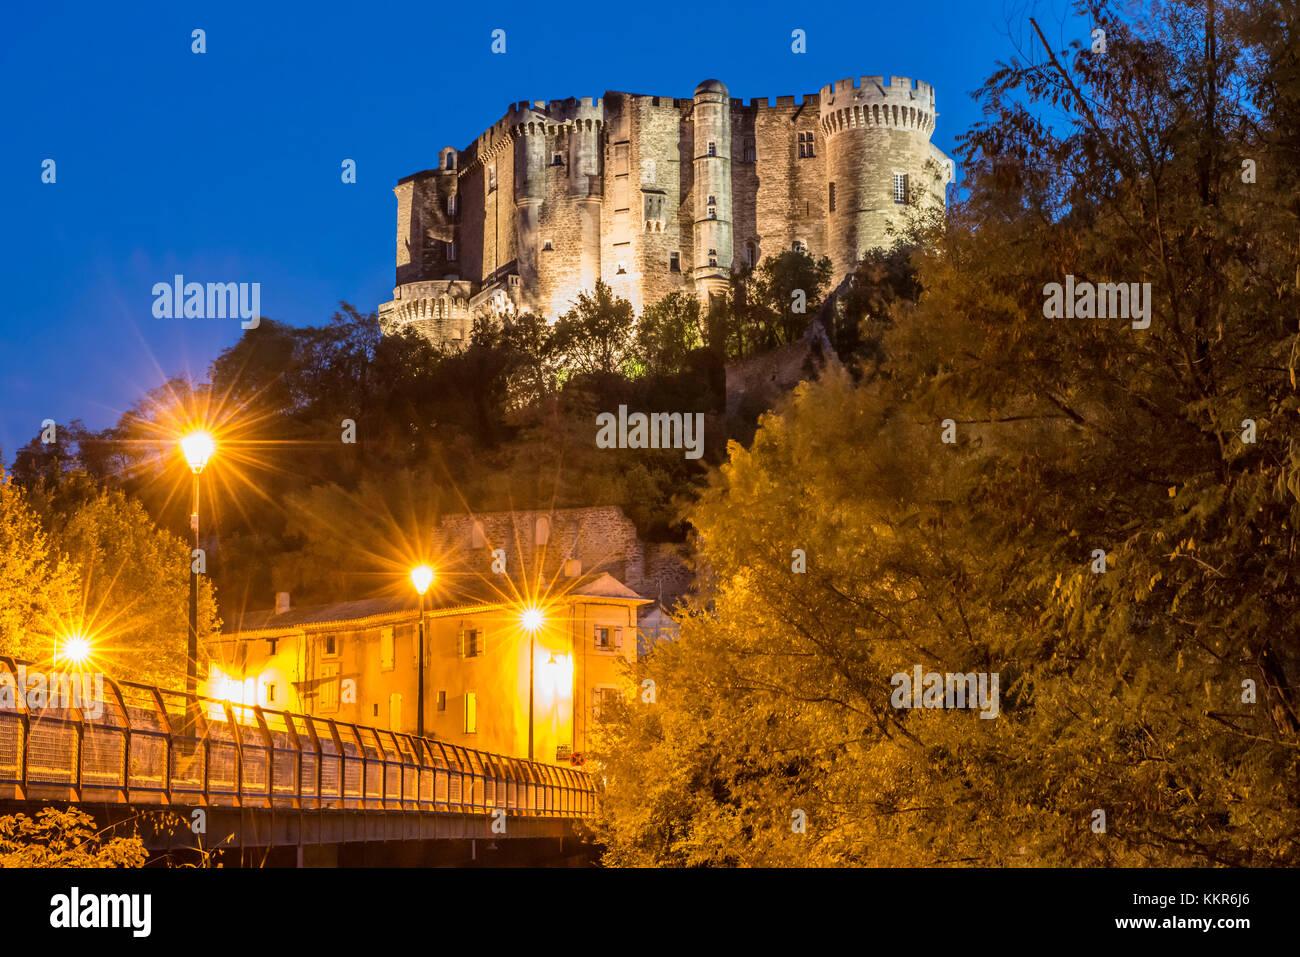 Suze-la-Rousse, Drôme, Provence, Provence-Alpes-Côte d'Azur, France, Renaissance castle Suze-la-Rousse - Stock Image